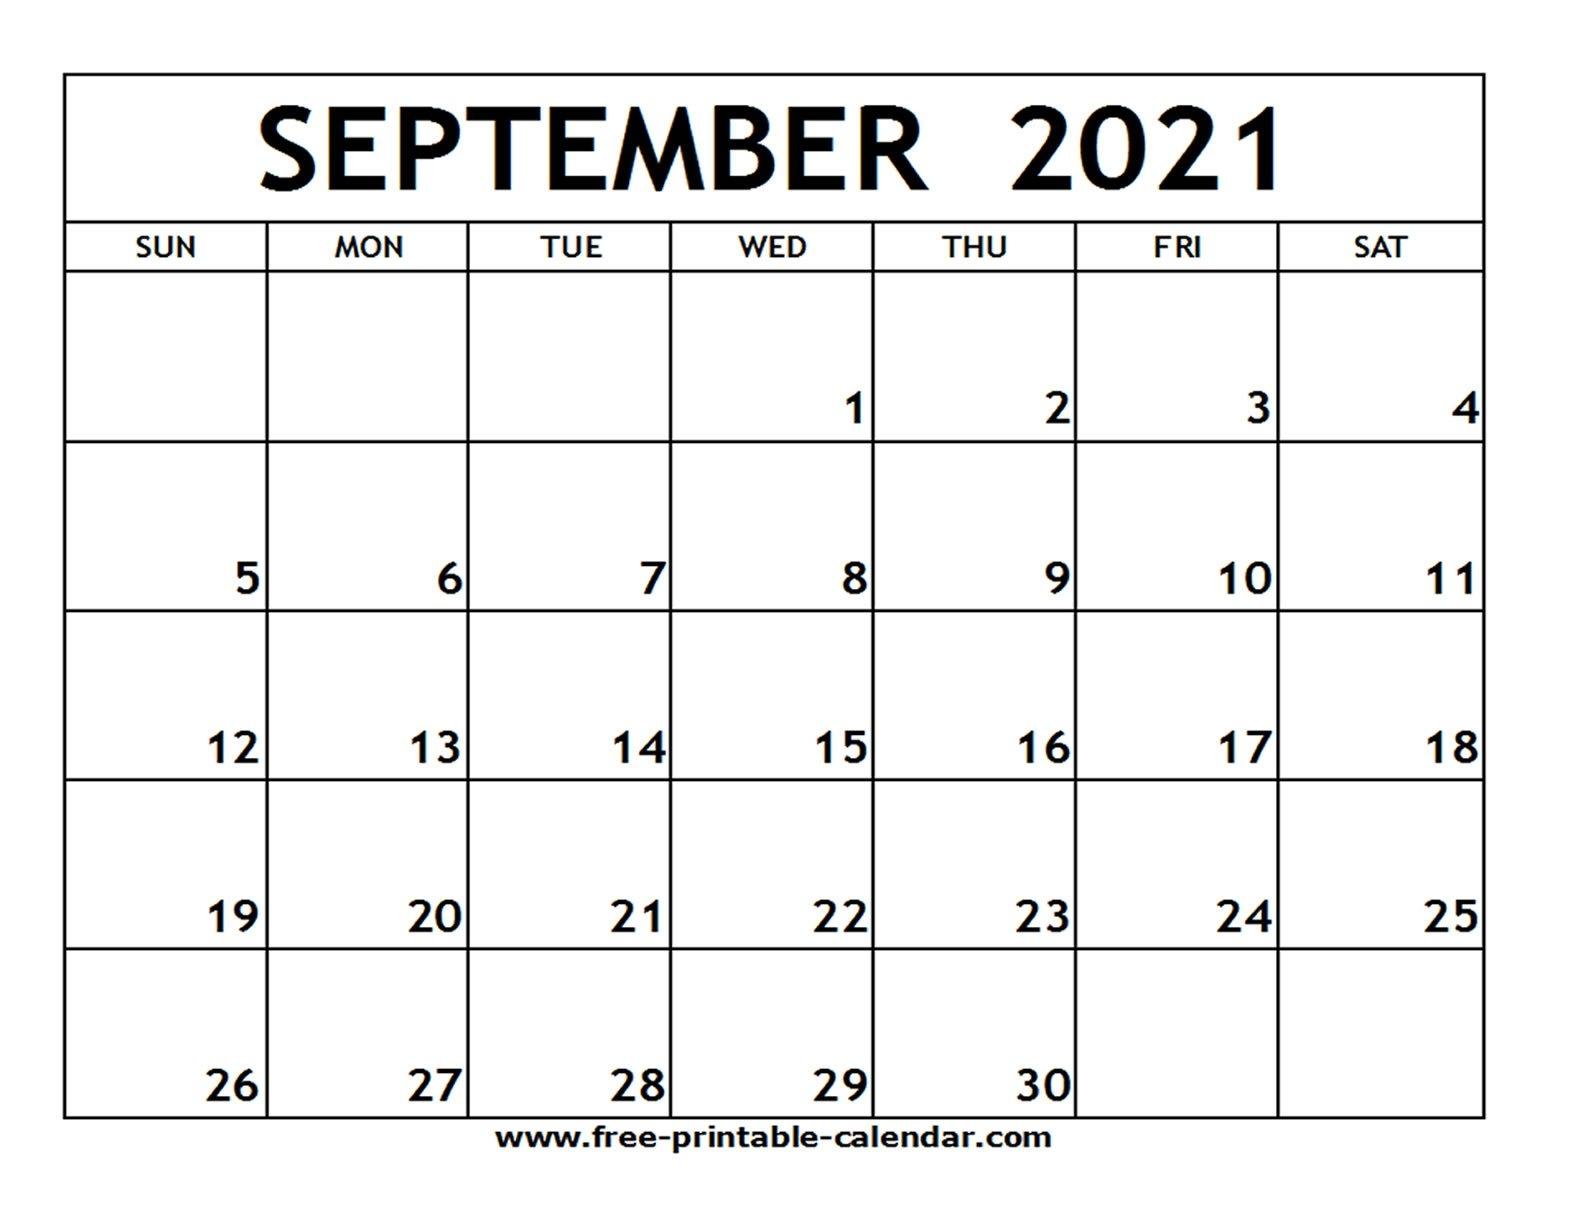 Sept 2021 Calendar Printable | Free Printable Calendar in 2021 Free Printable Weekly Calendar Blank